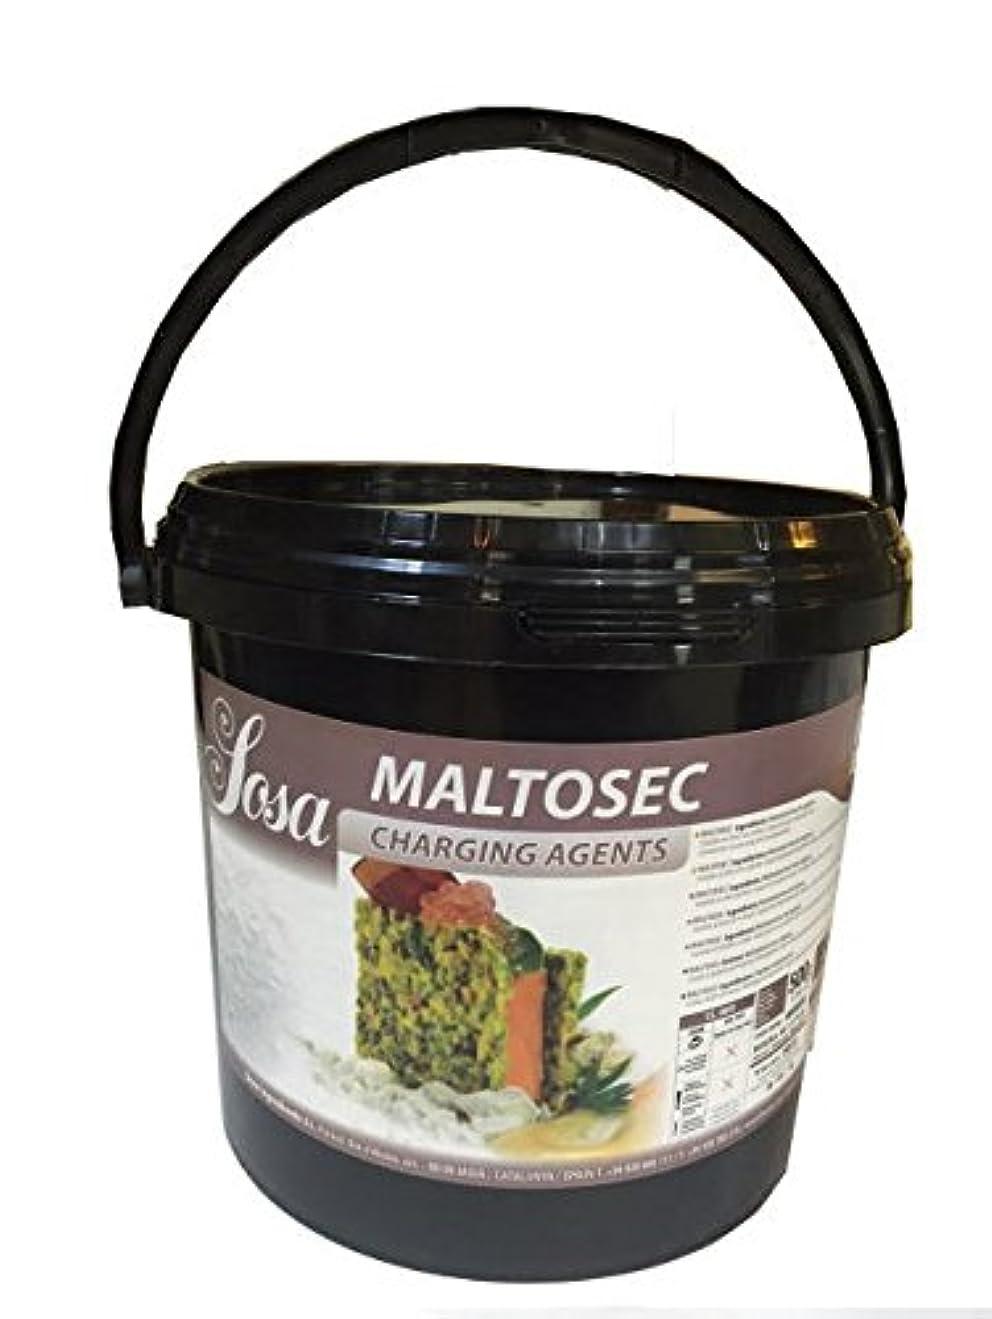 避ける髄甘いsosa MALTOSEC マルトセック 500g【51011】油オイル製品パウダー化 スペイン 【通常店頭在庫1個】フルムーン発売記念